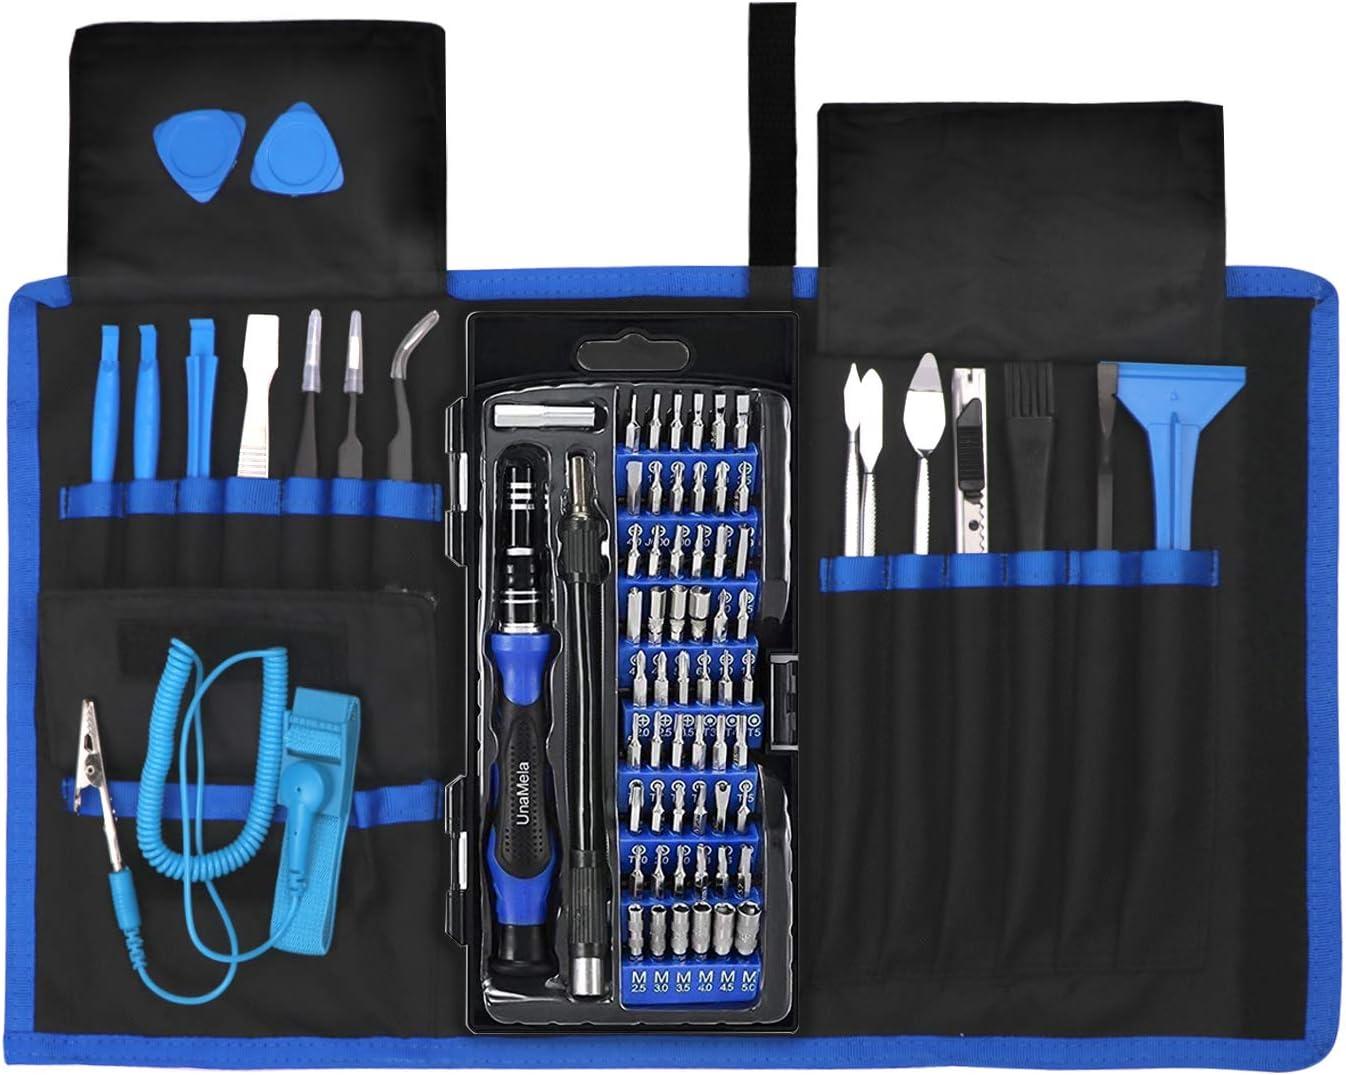 Kit de herramientas profesional reparación de computadoras